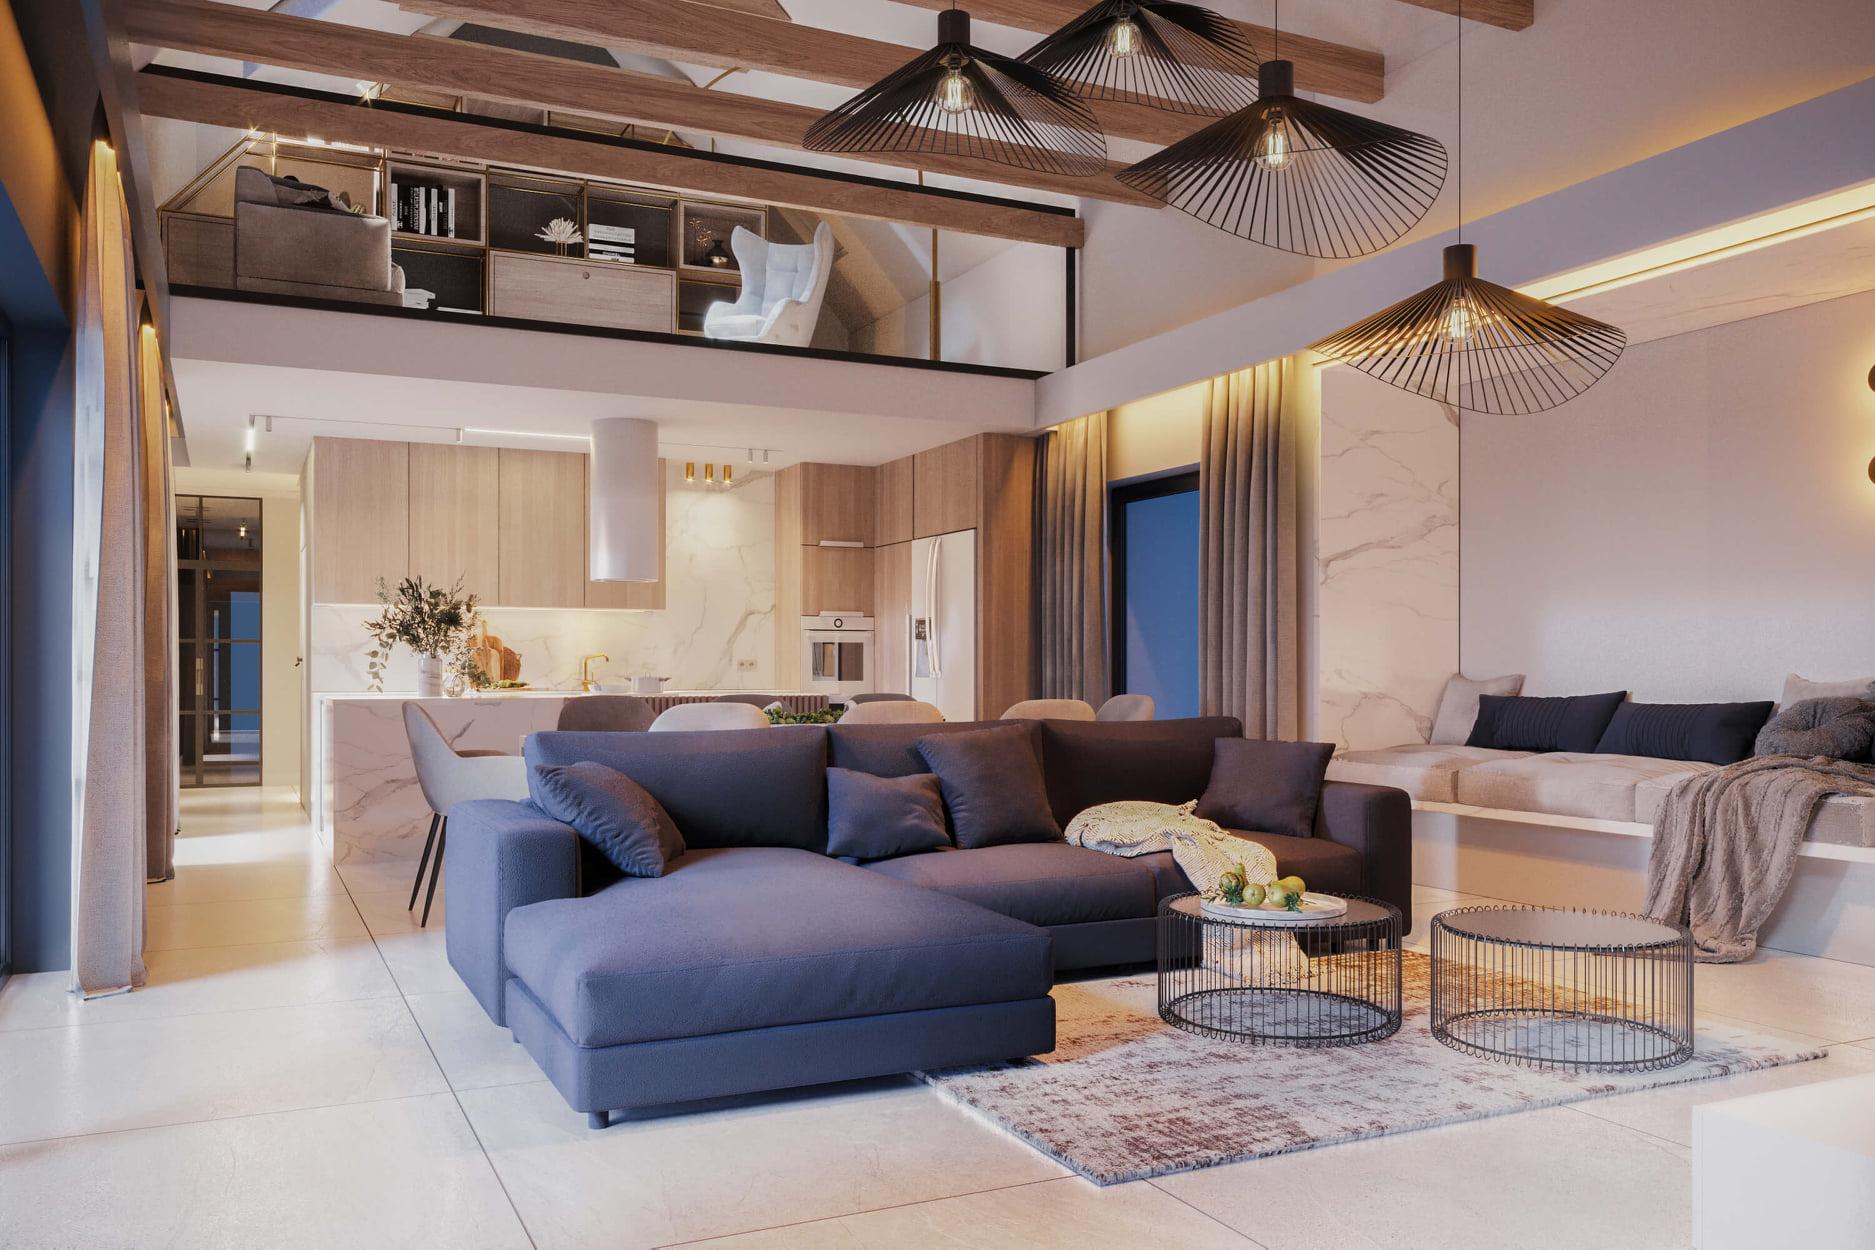 Przytulny dom w typie nowoczesnej stodoły | Proj: FOORMA Pracownia Architektury Wnętrz